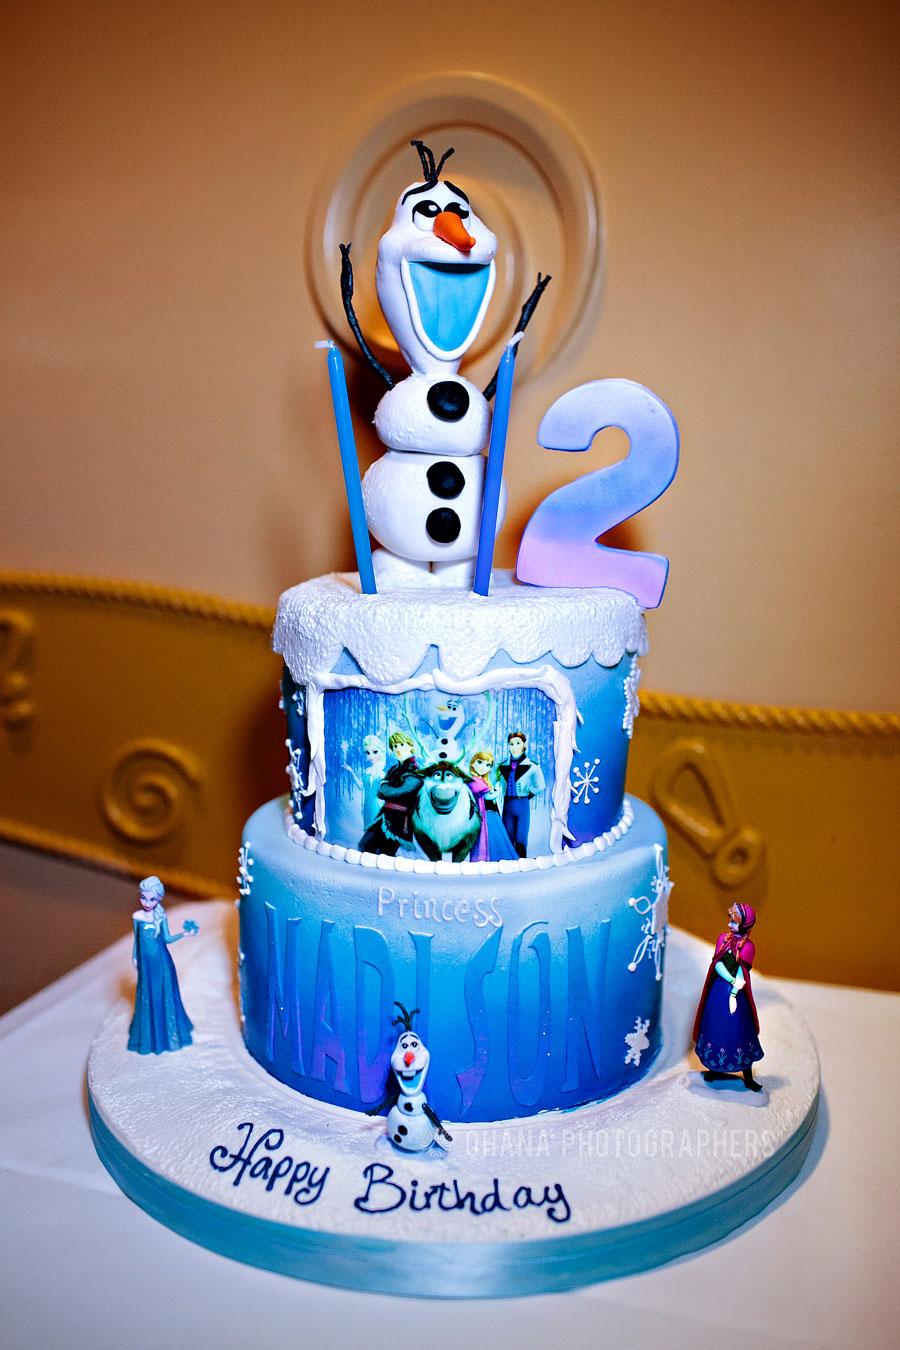 11 Disneyland Birthday Cakes Photo Disney World Birthday Cake